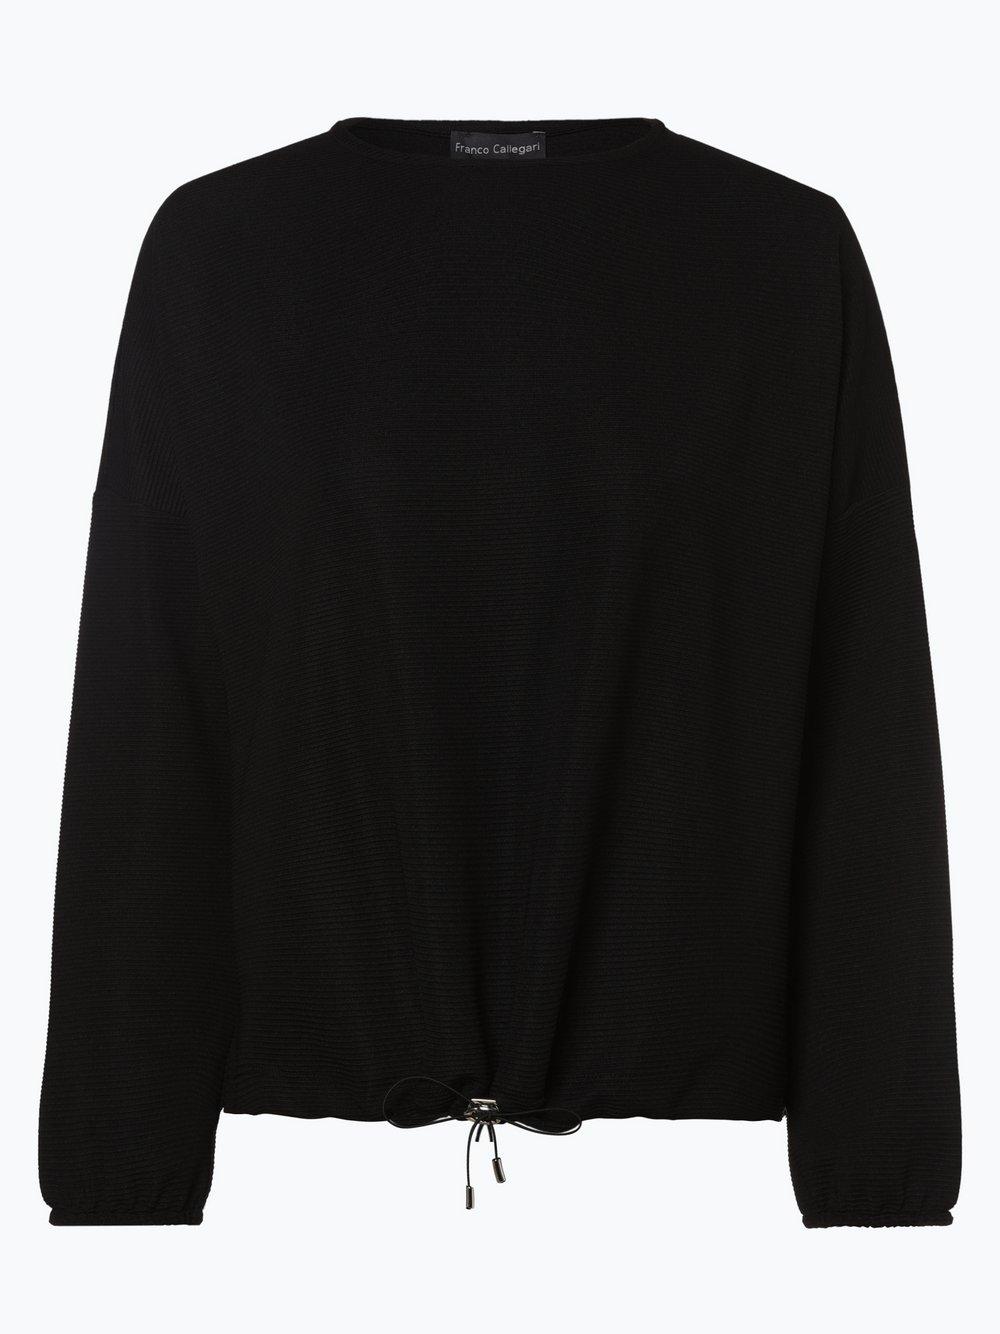 Franco Callegari - Damska bluza nierozpinana, czarny